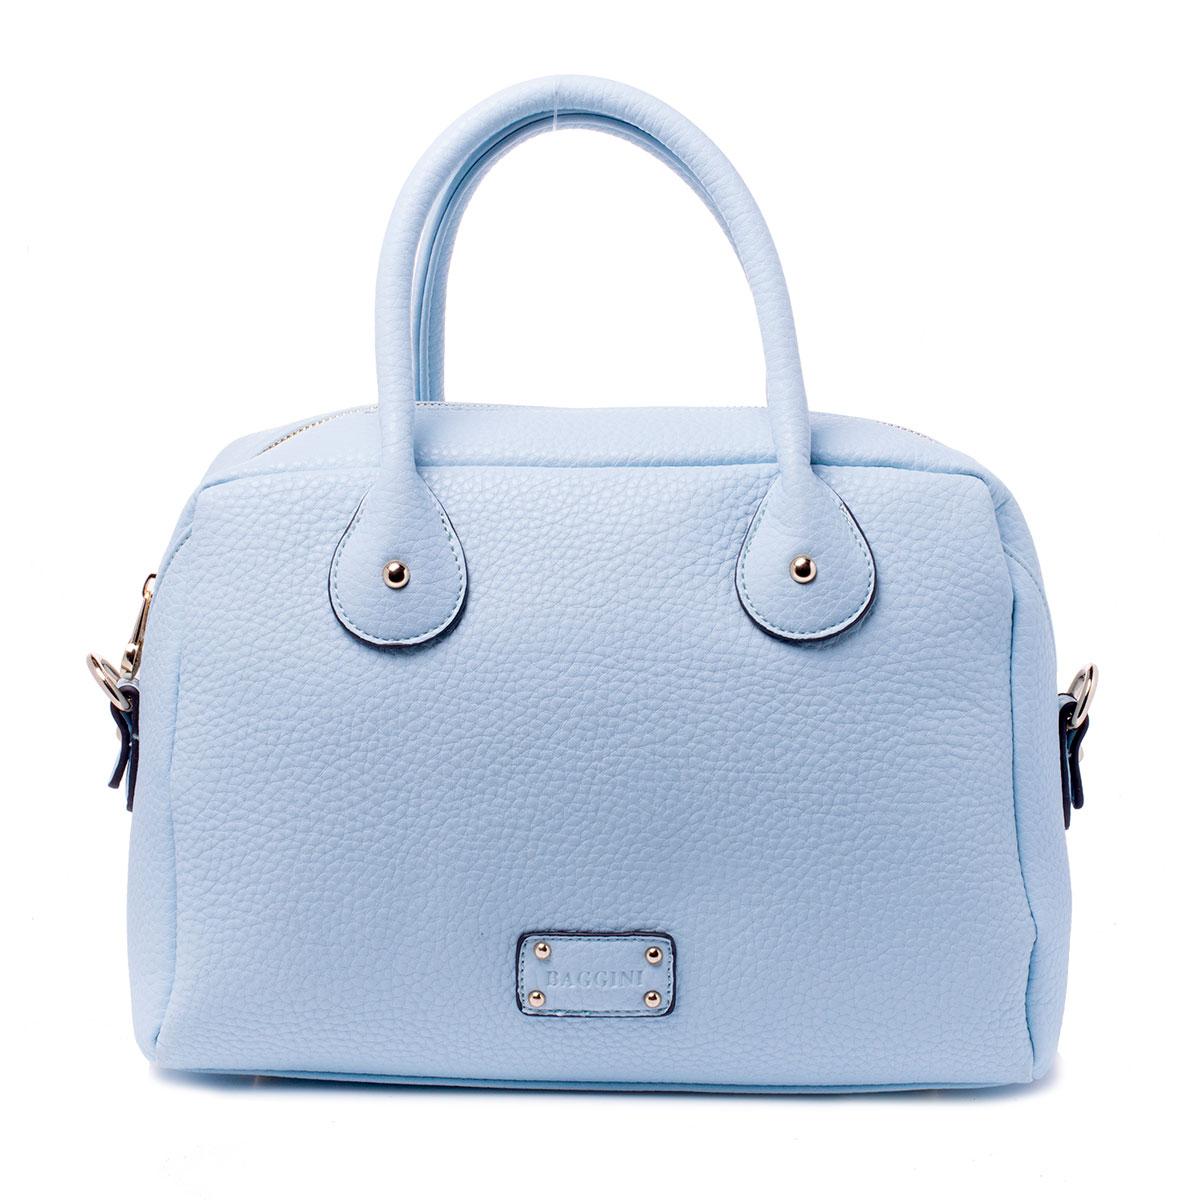 Сумка женская Baggini, цвет: голубой. 29701/40A-B86-05-CЖенская сумка Baggini выполнена из высококачественной искусственной кожи. Сумка застегивается на застежку-молнию и имеет одно вместительное отделение, внутри располагается прорезной карман на застежке-молнии и три накладных кармашка для мелочей и телефона. На задней стороне расположен прорезной карман на застежке-молнии. Сумка оснащена съемным наплечным ремнем, который регулируется по длине. Дно сумки дополнено металлическими ножками.Сумка - это стильный аксессуар, который подчеркнет вашу изысканность и индивидуальность и сделает ваш образ завершенным. С такой сумочкой вы не останетесь незамеченной.